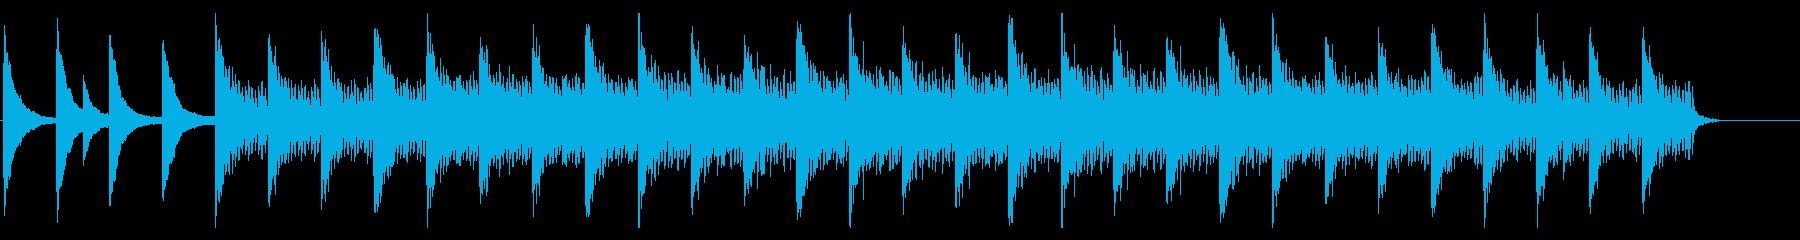 ポジティブで感動的な雰囲気の曲の再生済みの波形